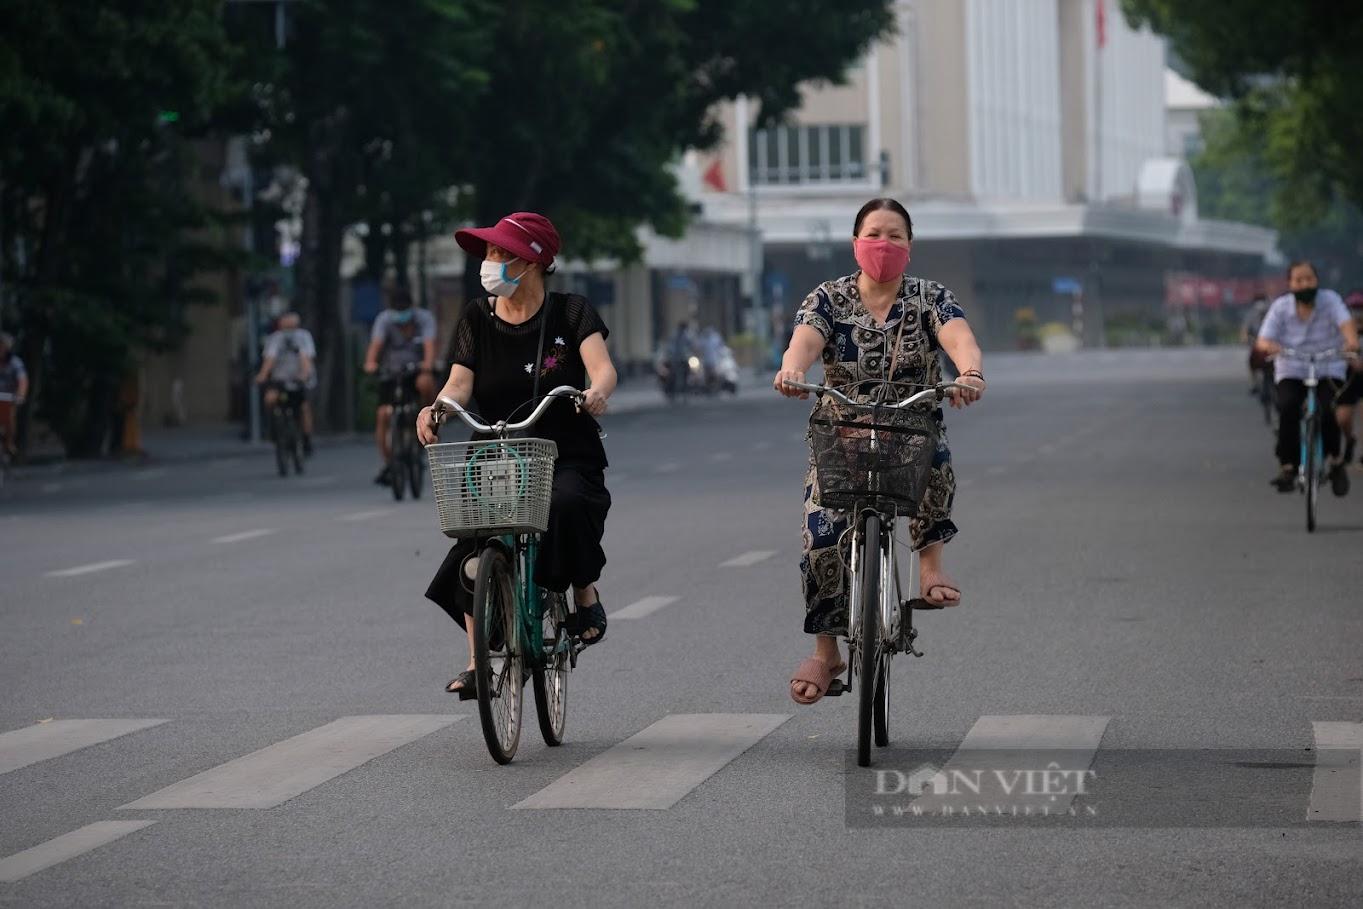 """Hà Nội: Đường phố thành """"trường đua xe đạp"""" sau lệnh nới lỏng giãn cách - Ảnh 11."""